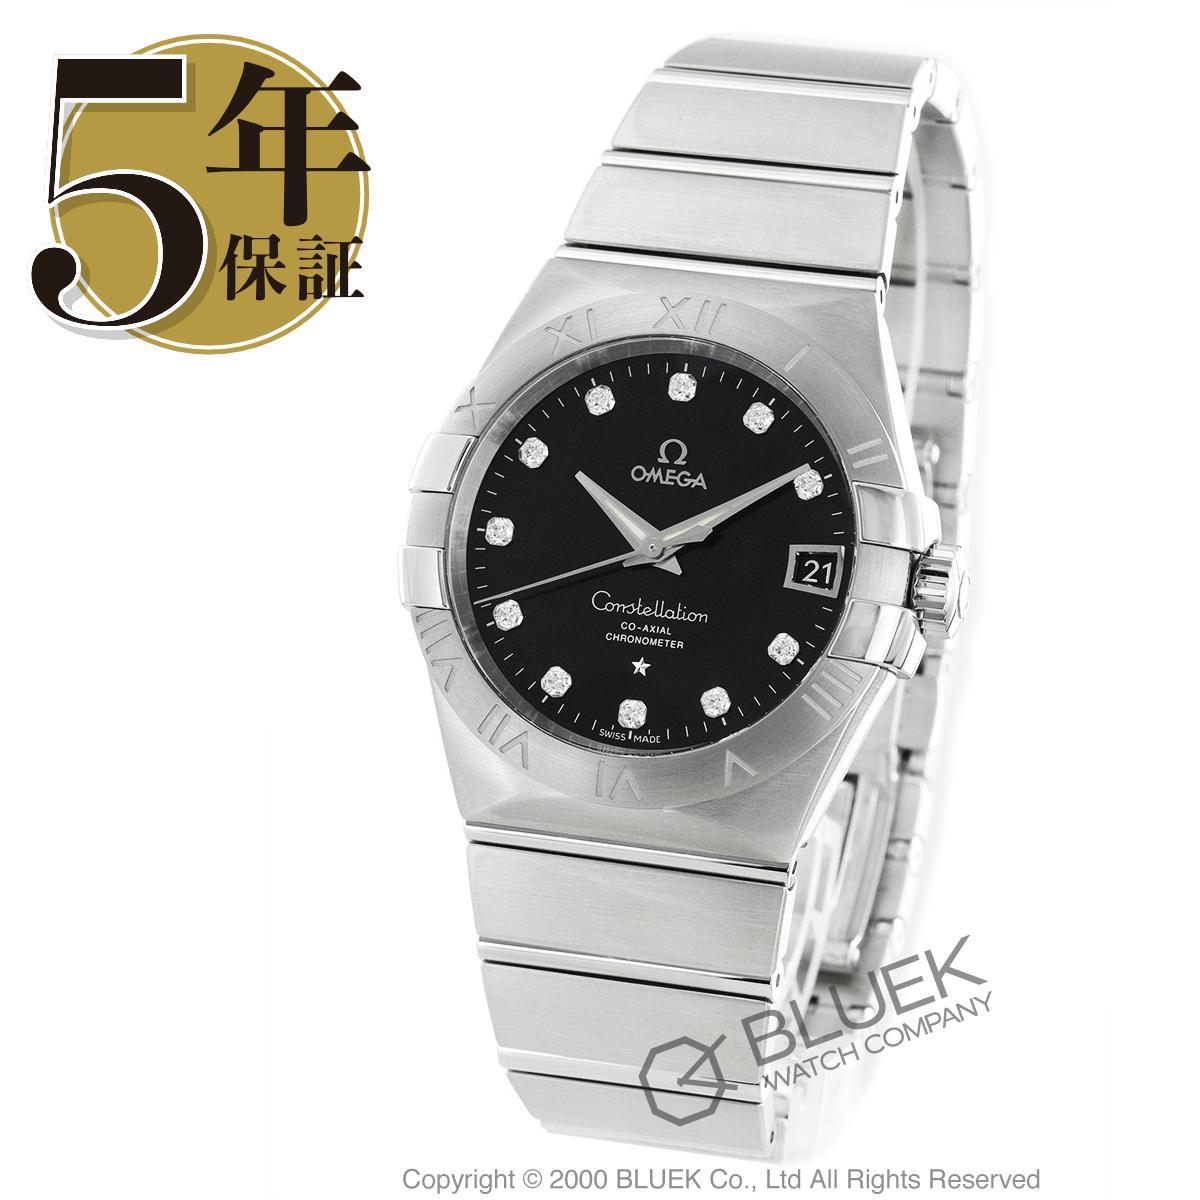 オメガ コンステレーション ブラッシュ ダイヤ 腕時計 メンズ OMEGA 123.10.38.21.51.001_8 バーゲン 成人祝い ギフト プレゼント